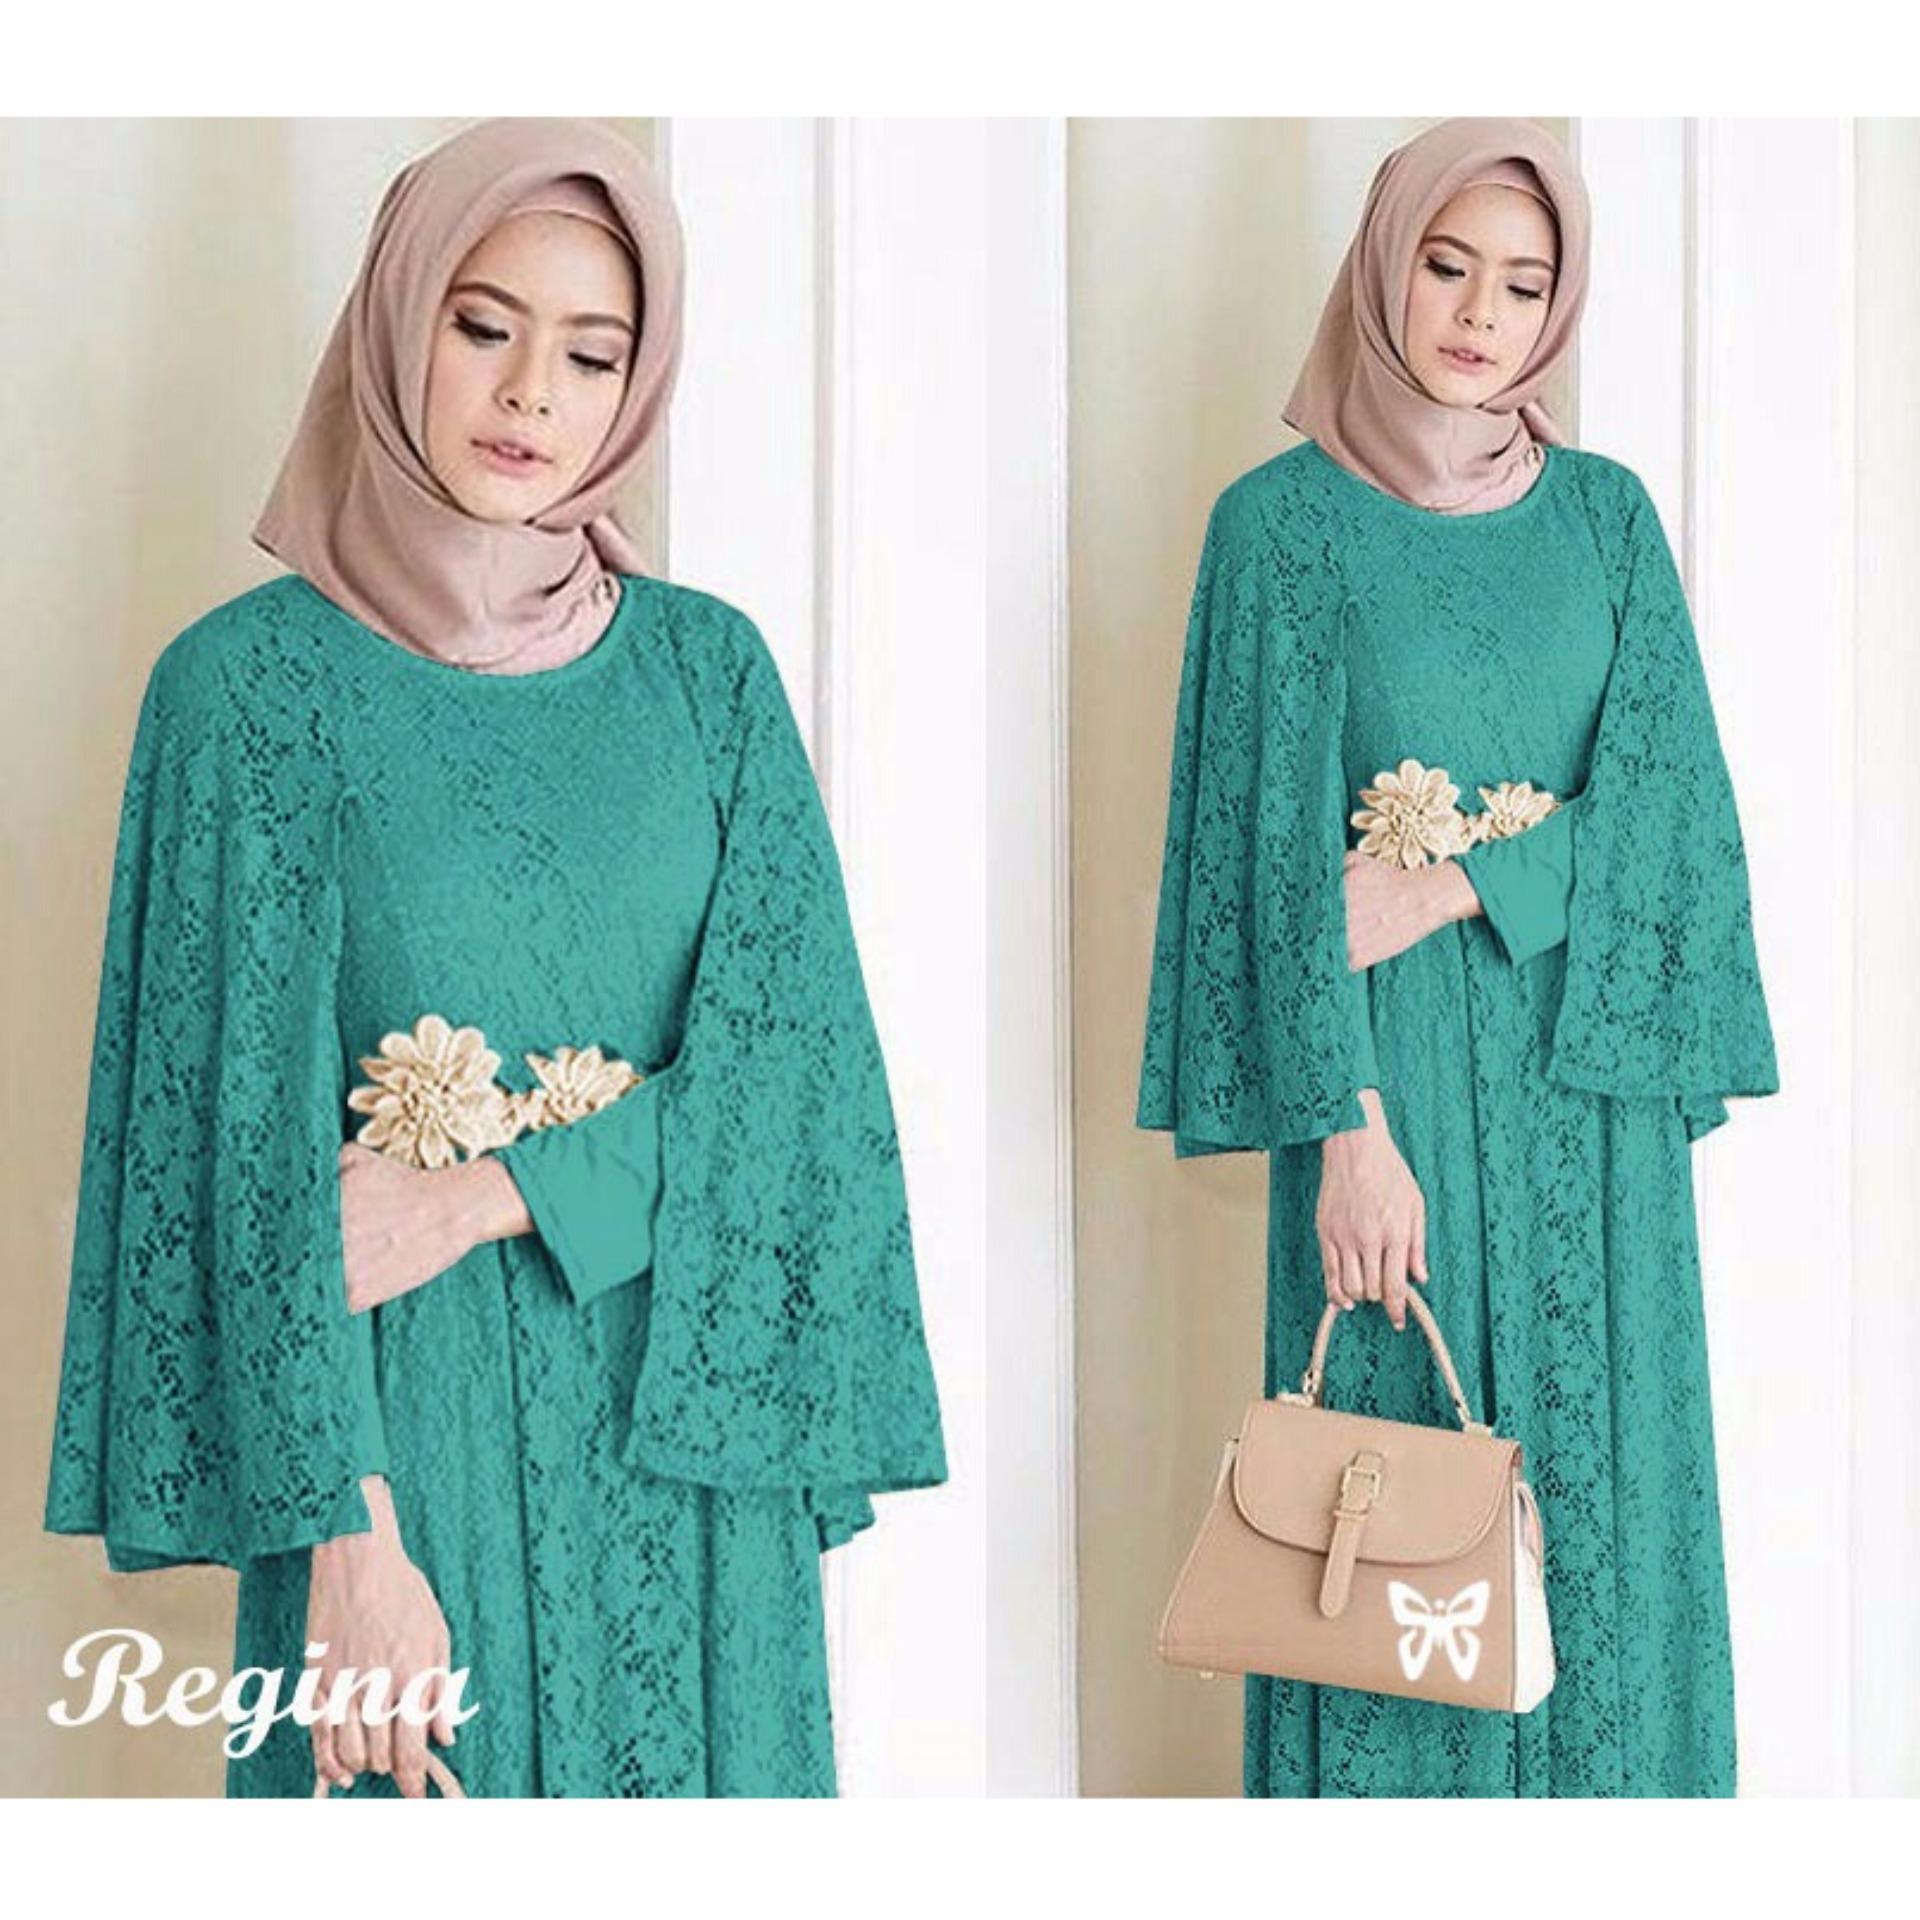 Baju muslim   Jumpsuit - Dress wanita - Gamis pesta - Baju gamis - Gamis  wanita c97f03509d